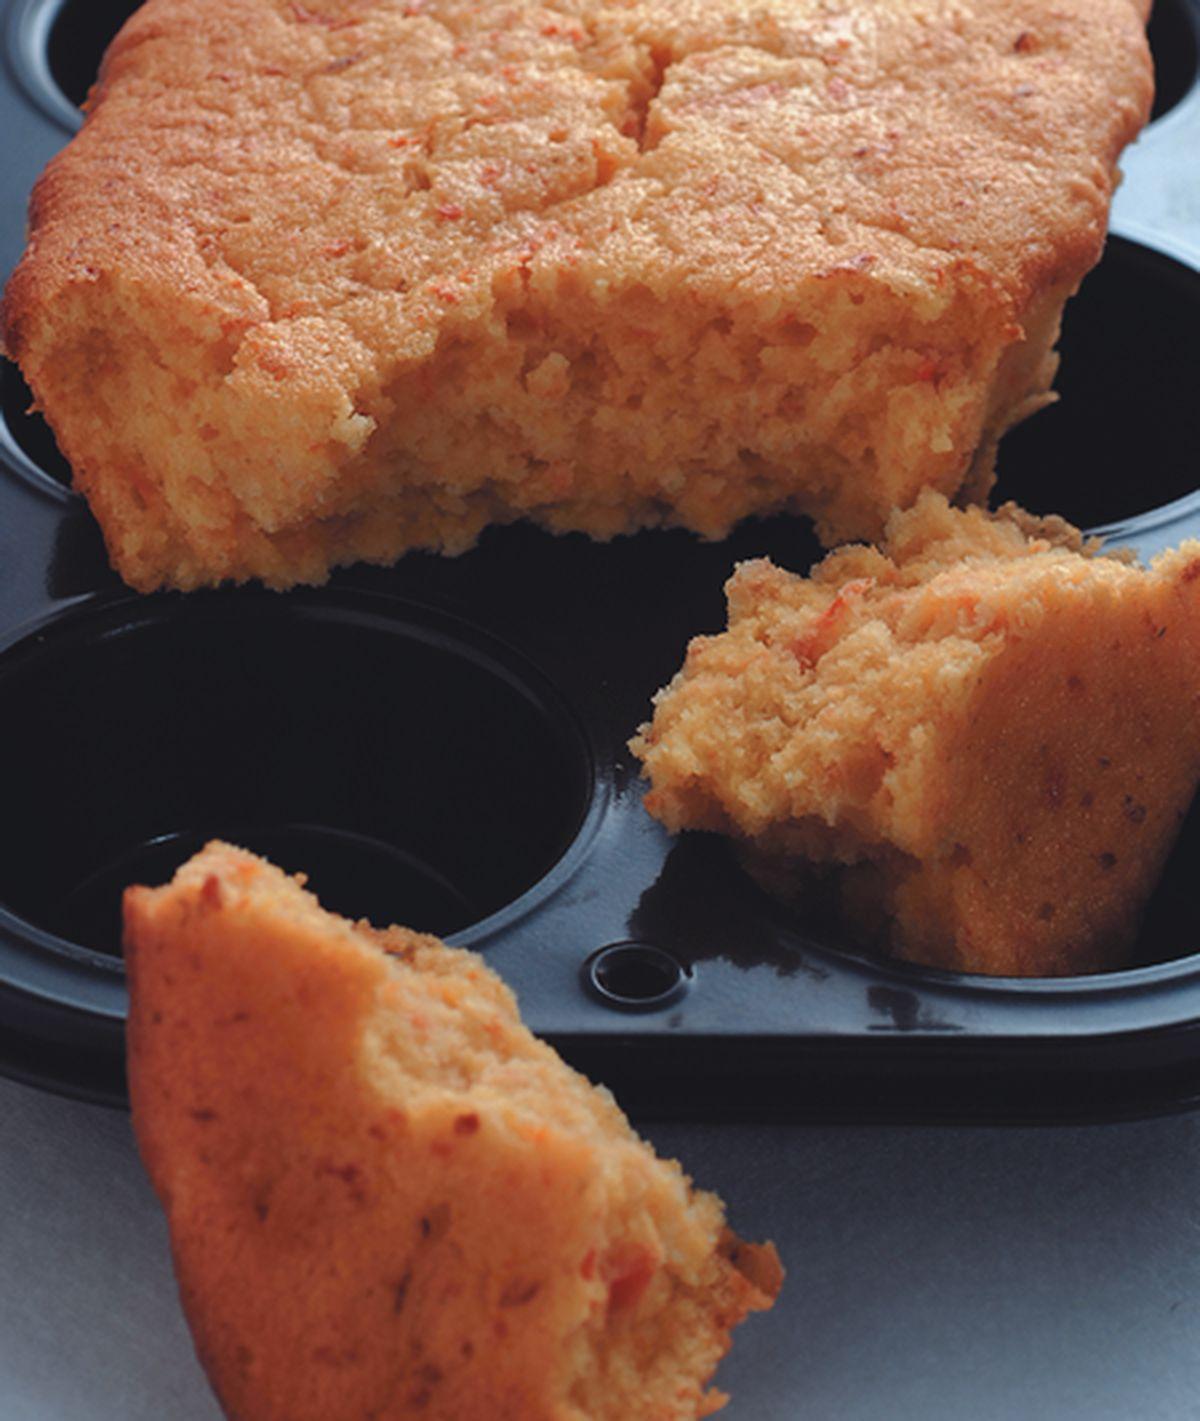 食譜:檸檬紅蘿蔔蛋糕